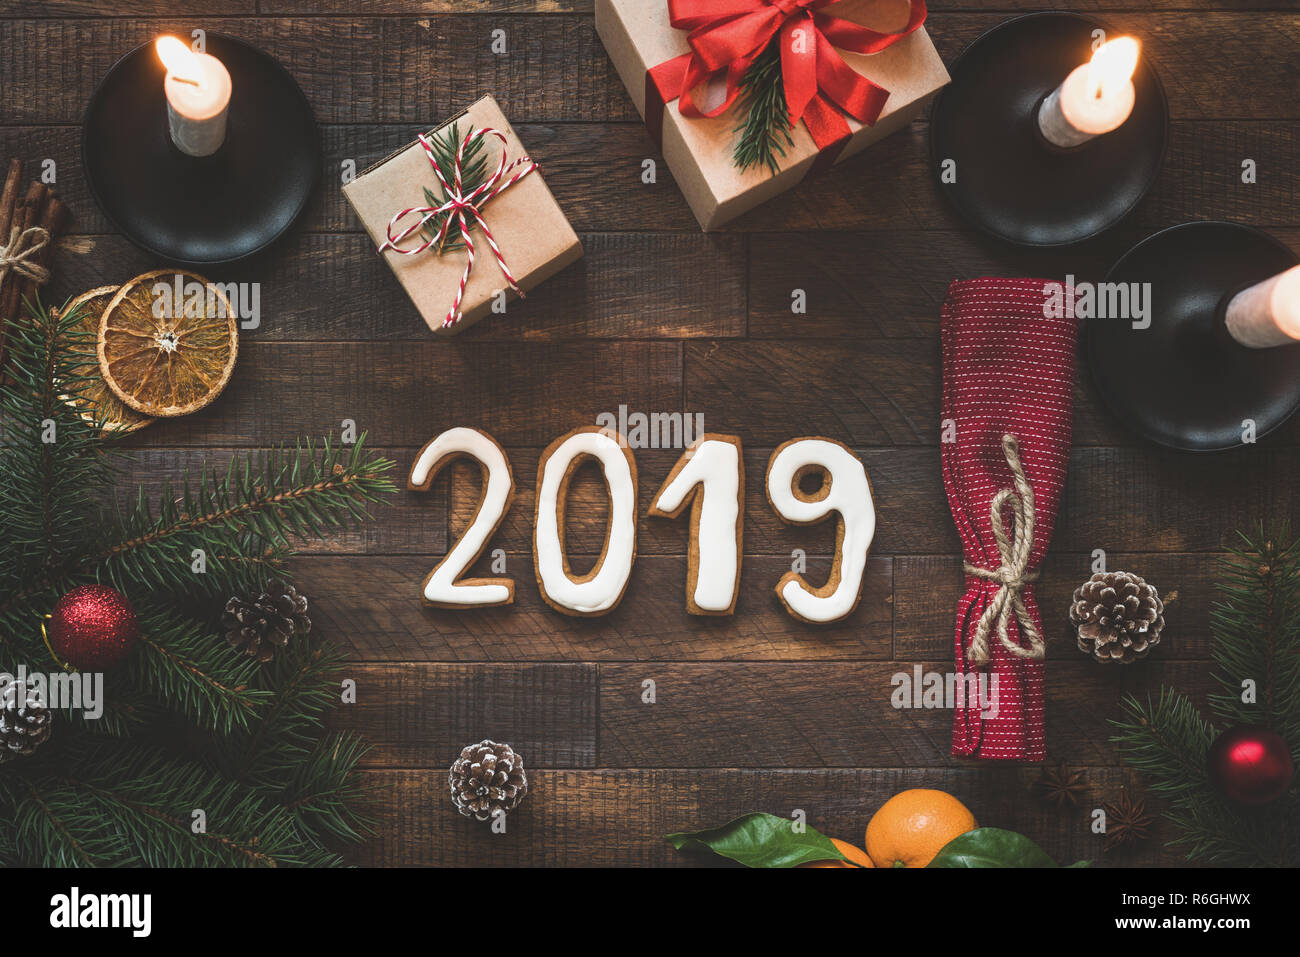 Winterurlaub Weihnachten 2019.Silvester Oder Weihnachten Tabelle Mit 2019 Buchstaben Winterurlaub